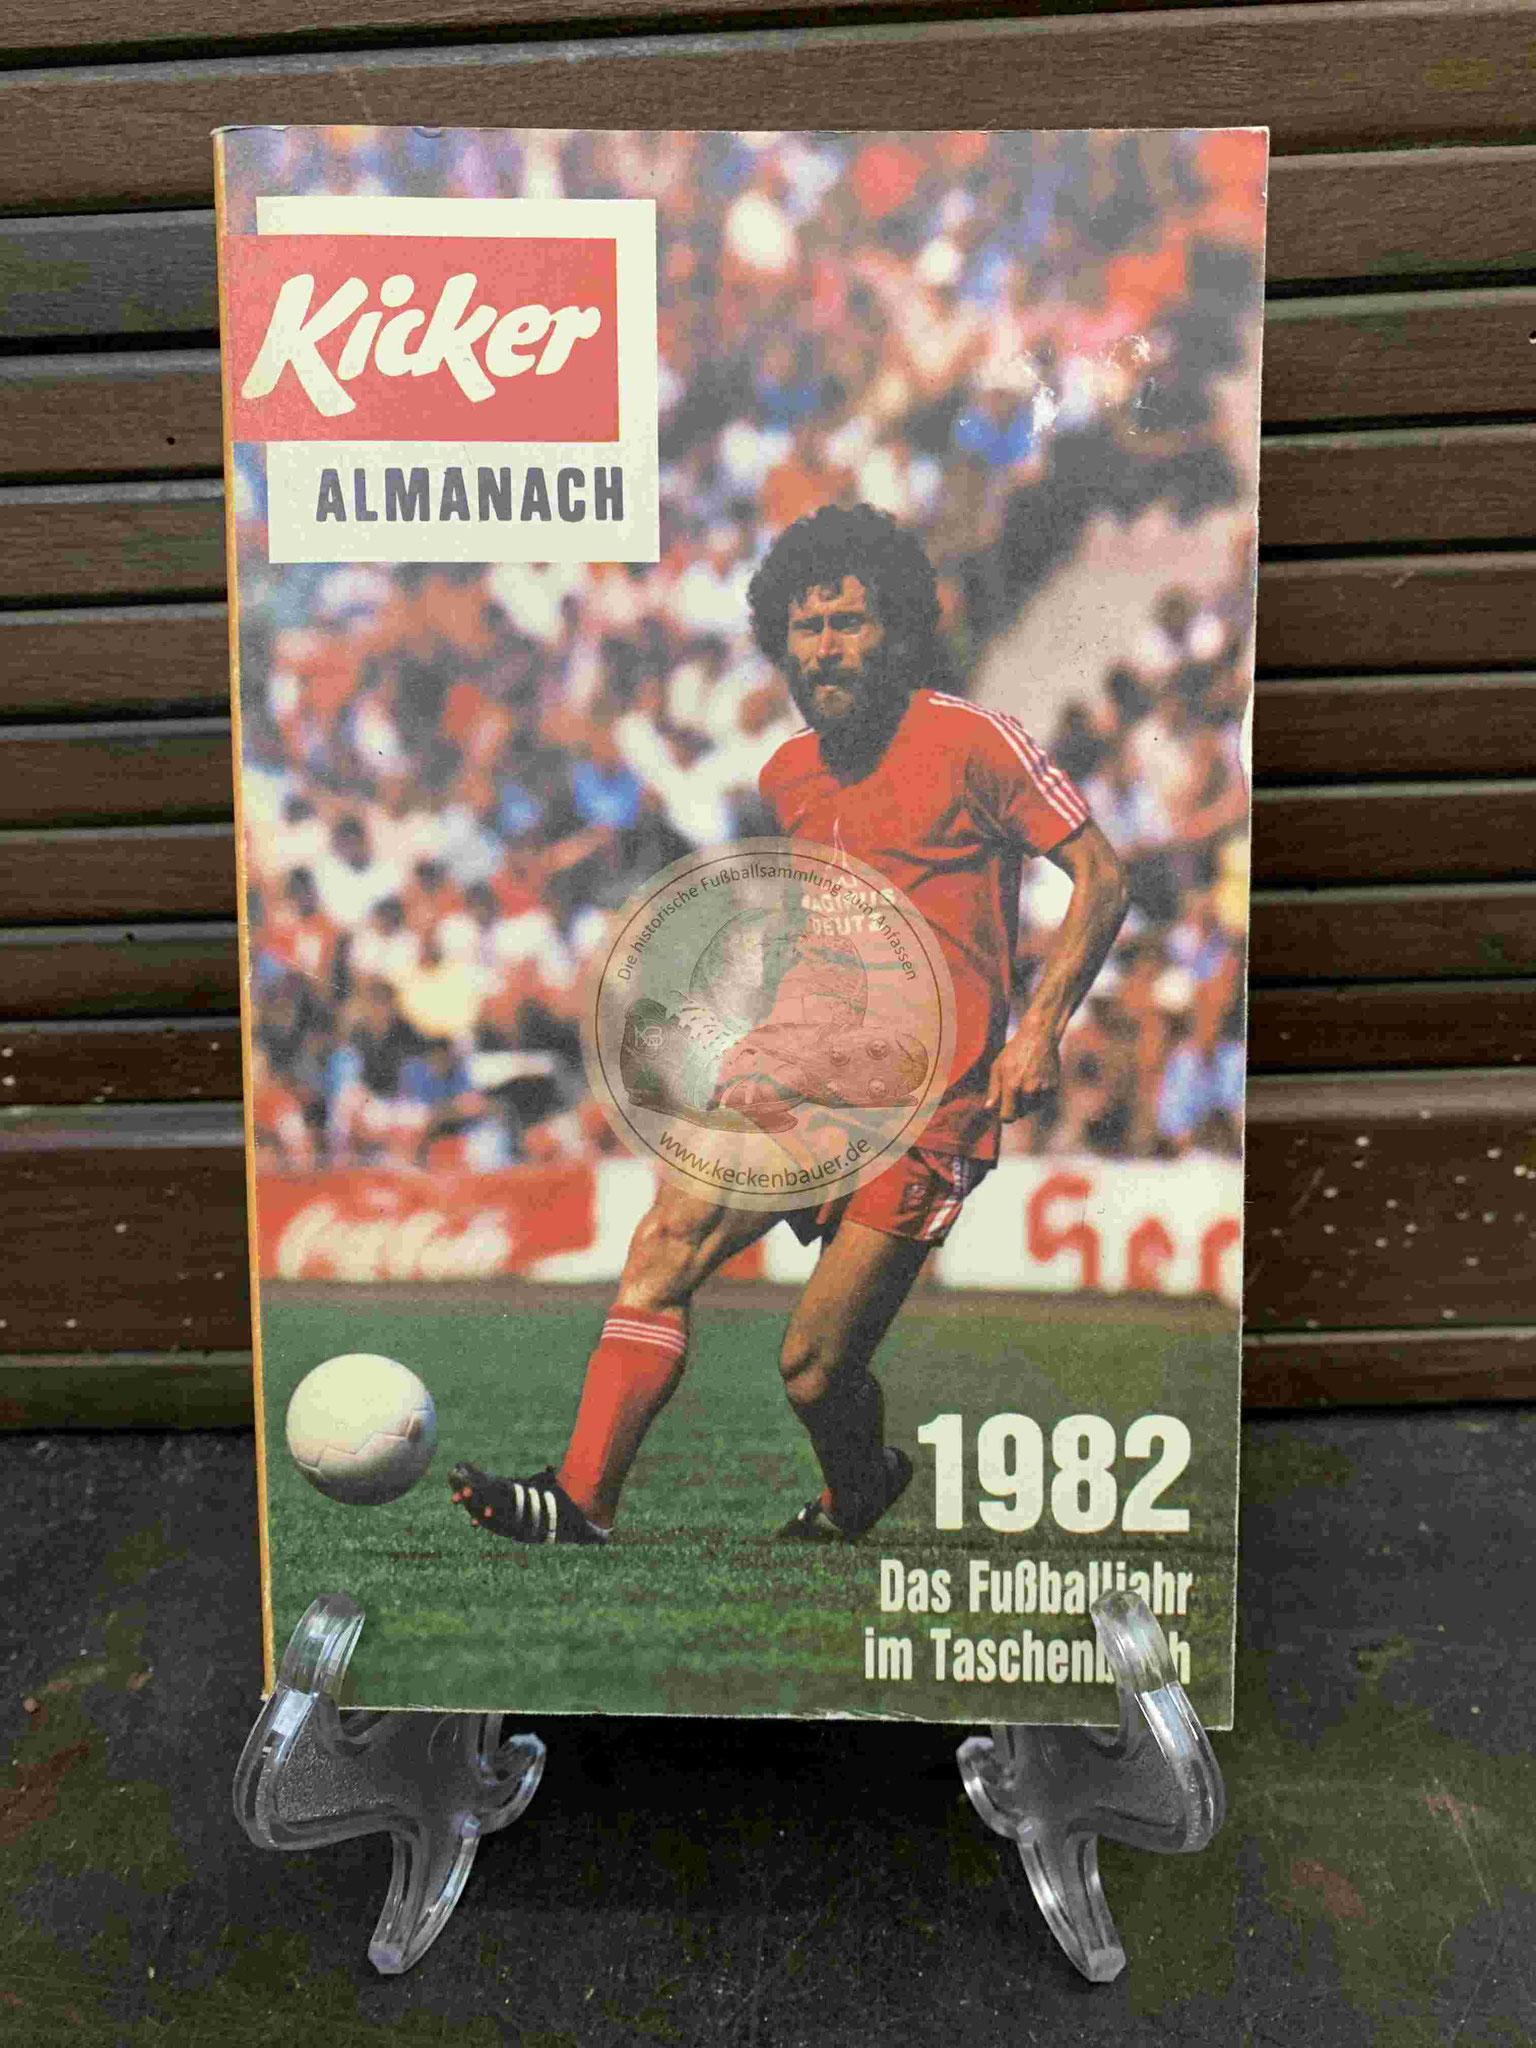 Kicker Almanach aus dem Jahr 1982